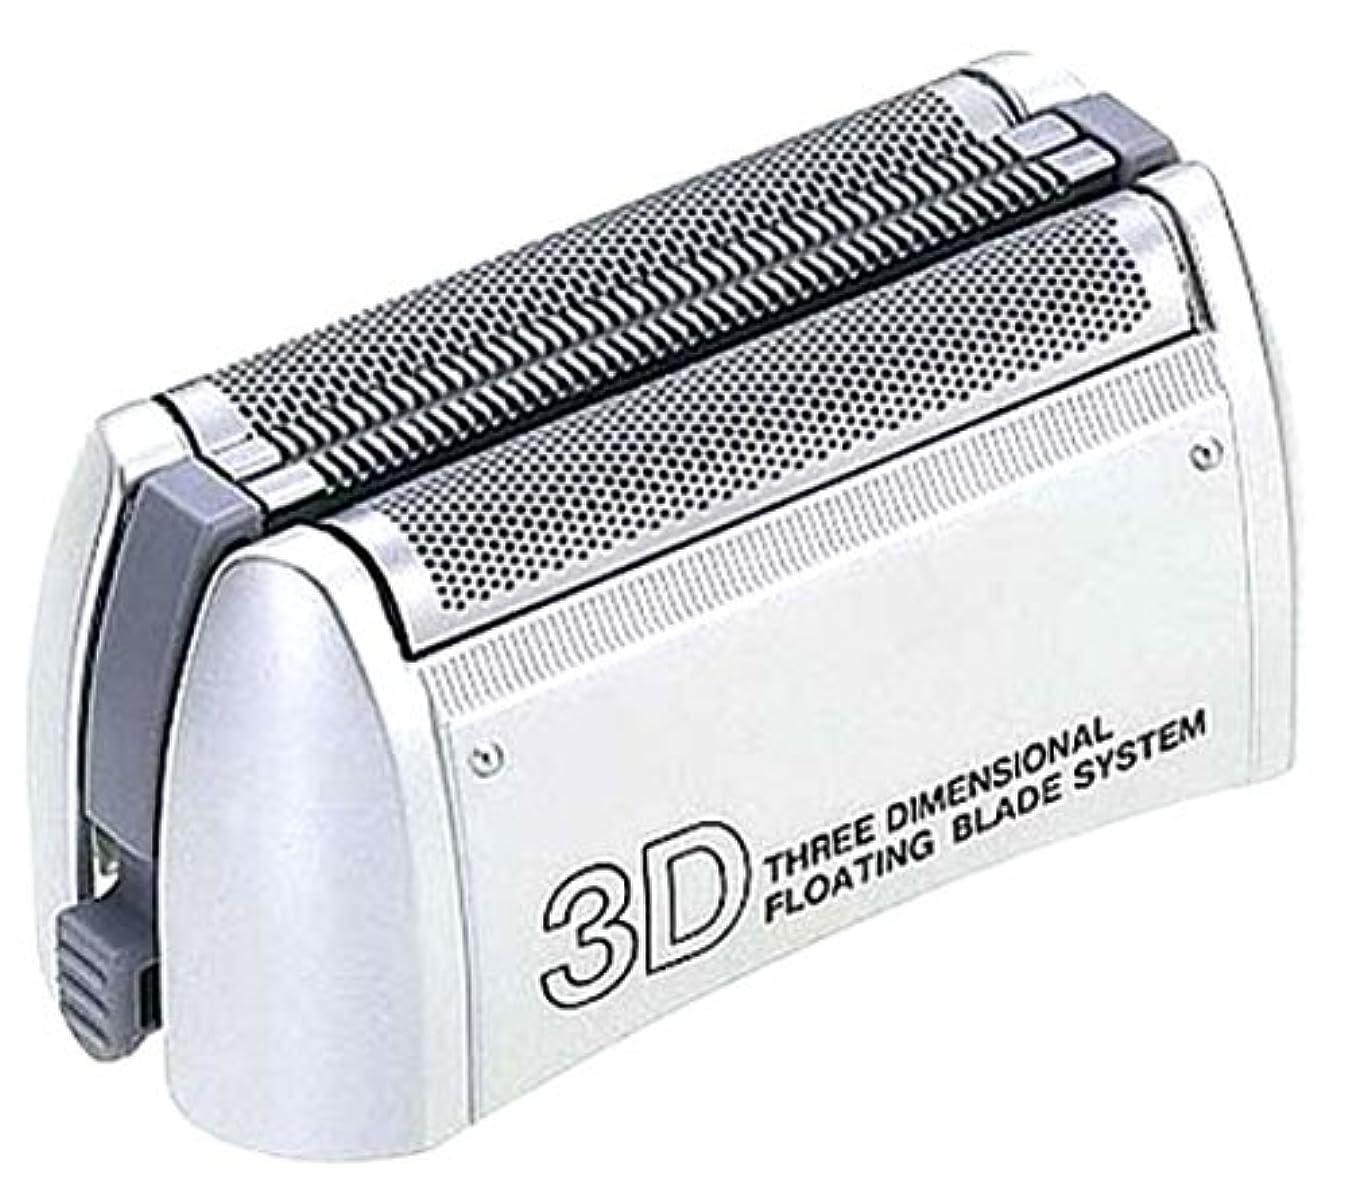 急速な物理的な薬パナソニック 替刃 リニアスムーサー3D メンズシェーバー用外刃 ES9081